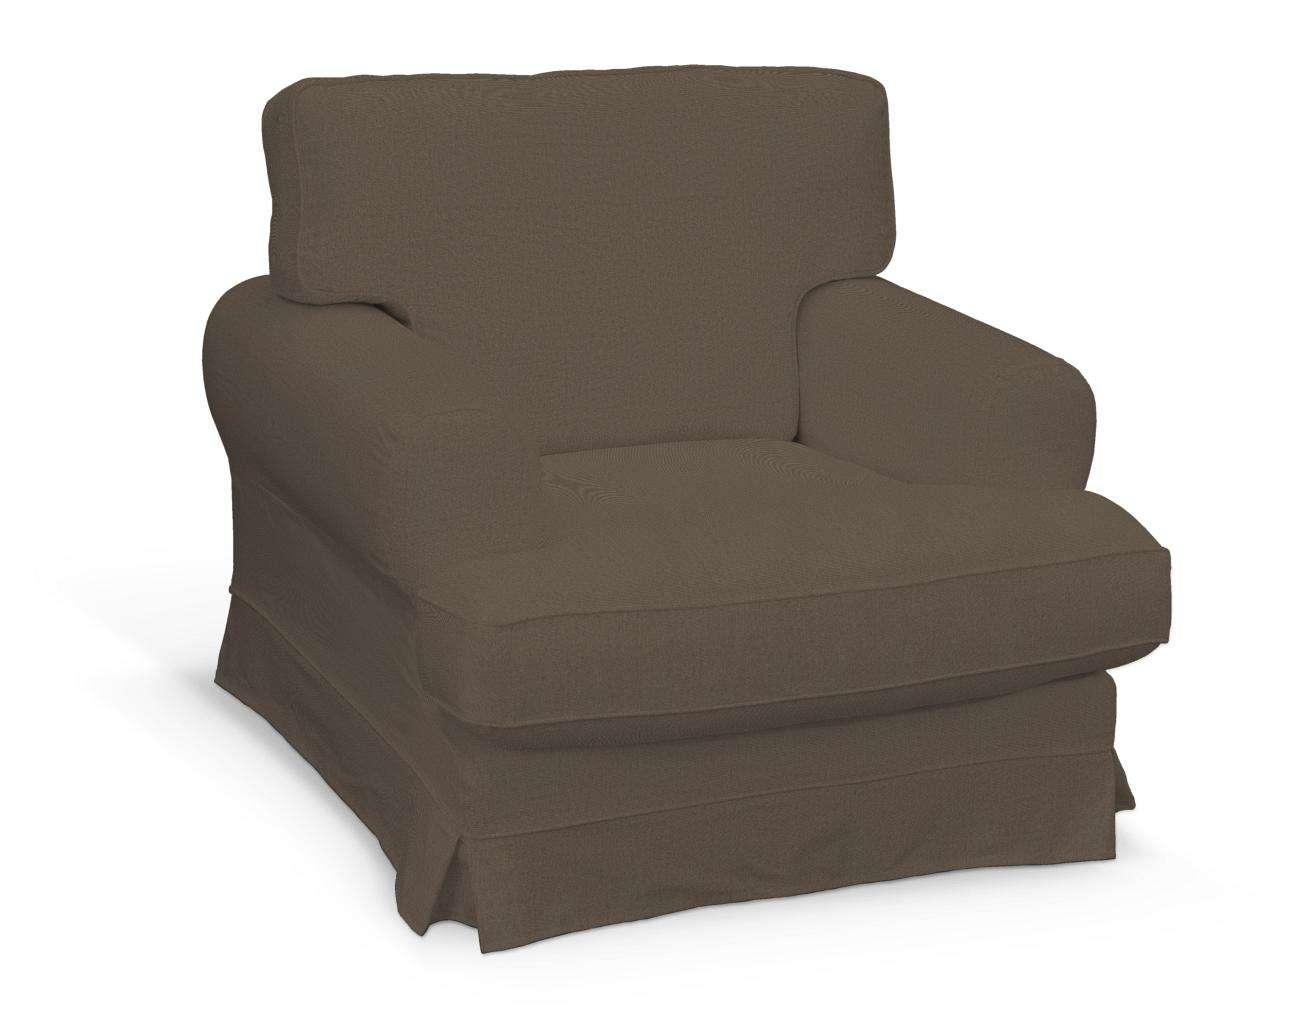 Pokrowiec na fotel Ekeskog w kolekcji Etna , tkanina: 705-08